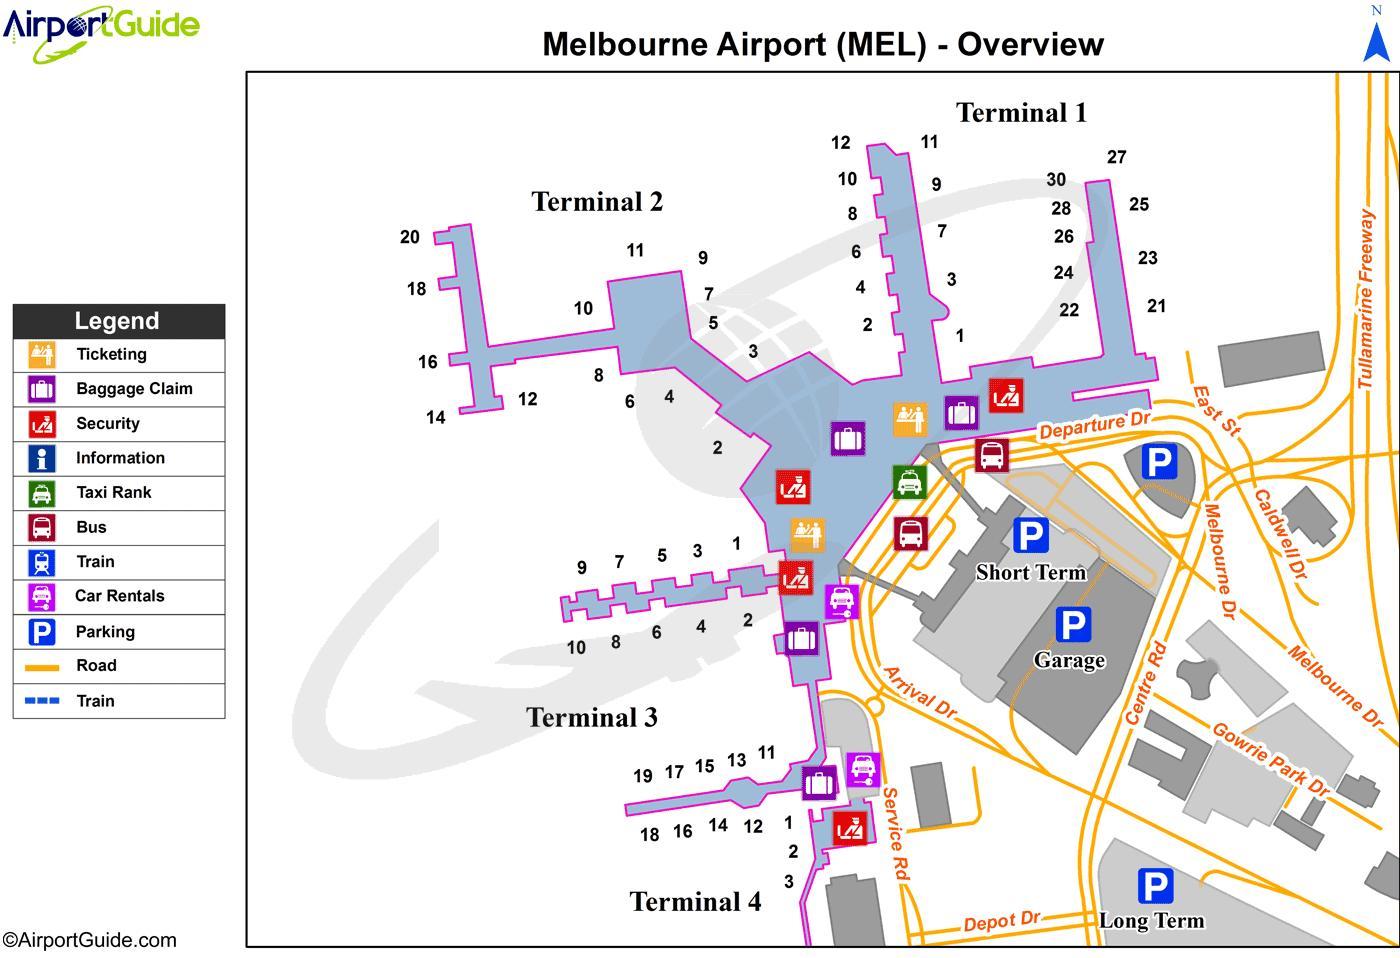 Melbourne Airport Arrivals Map Melbourne airport terminal map   Map of Melbourne airport